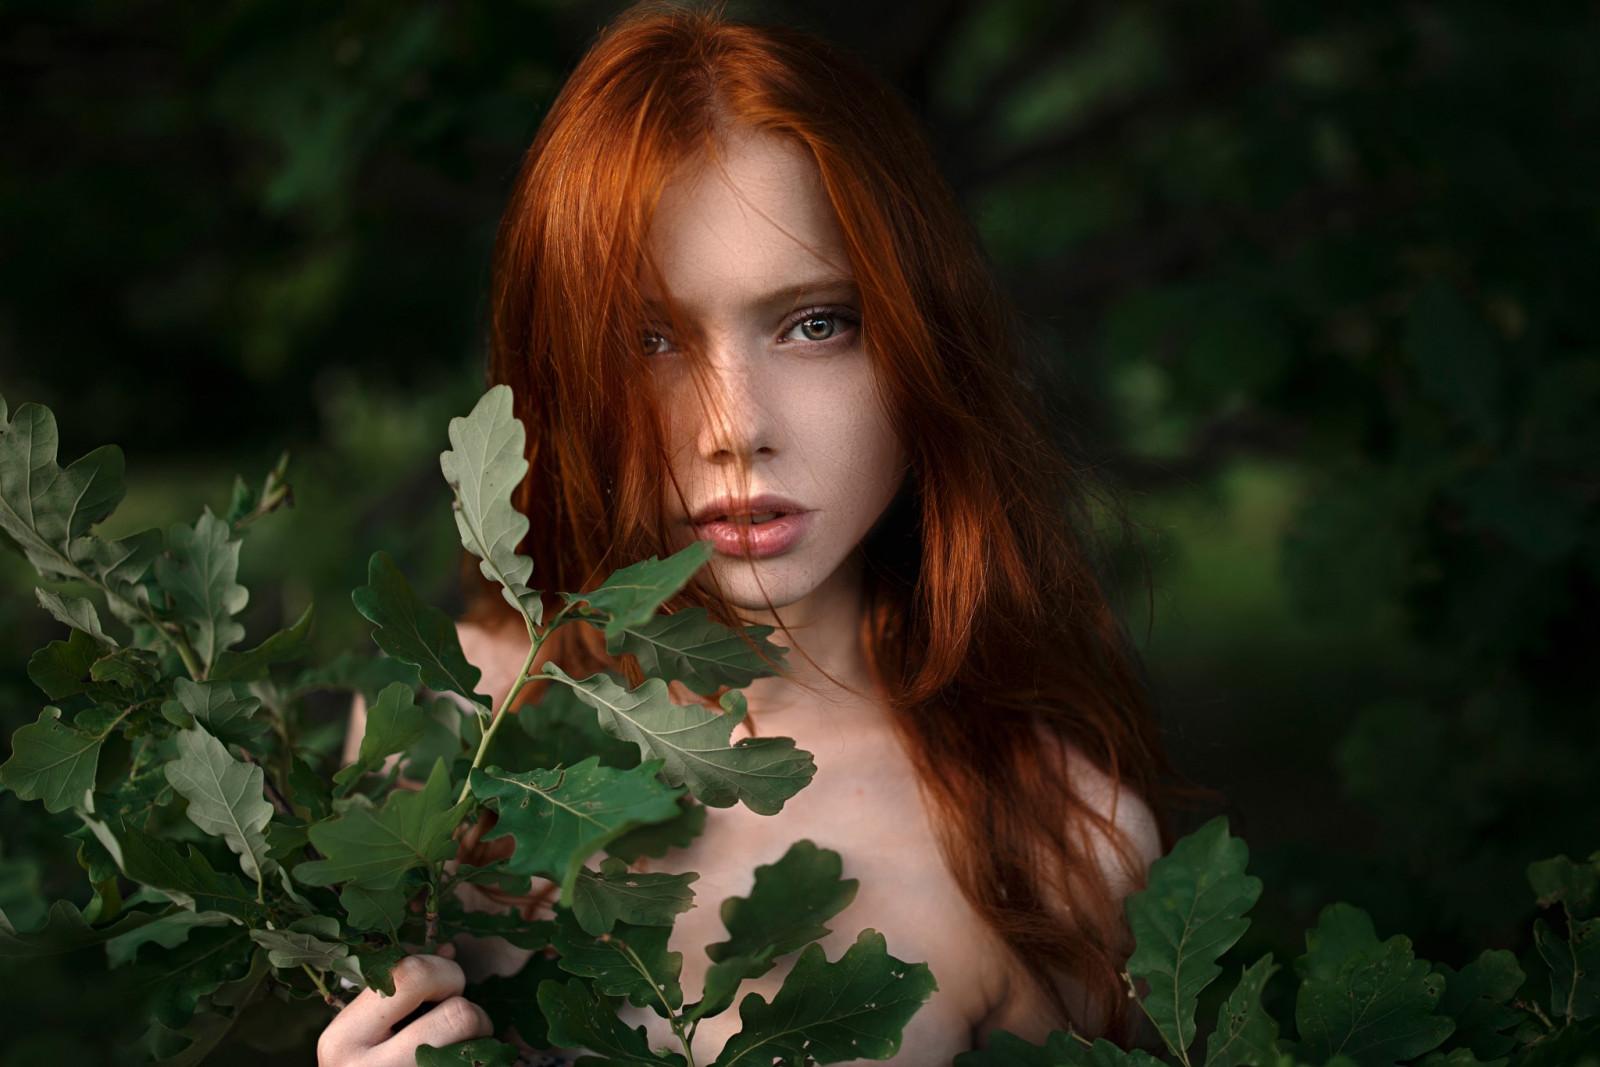 Wallpaper : face, sunlight, forest, women, model, nature